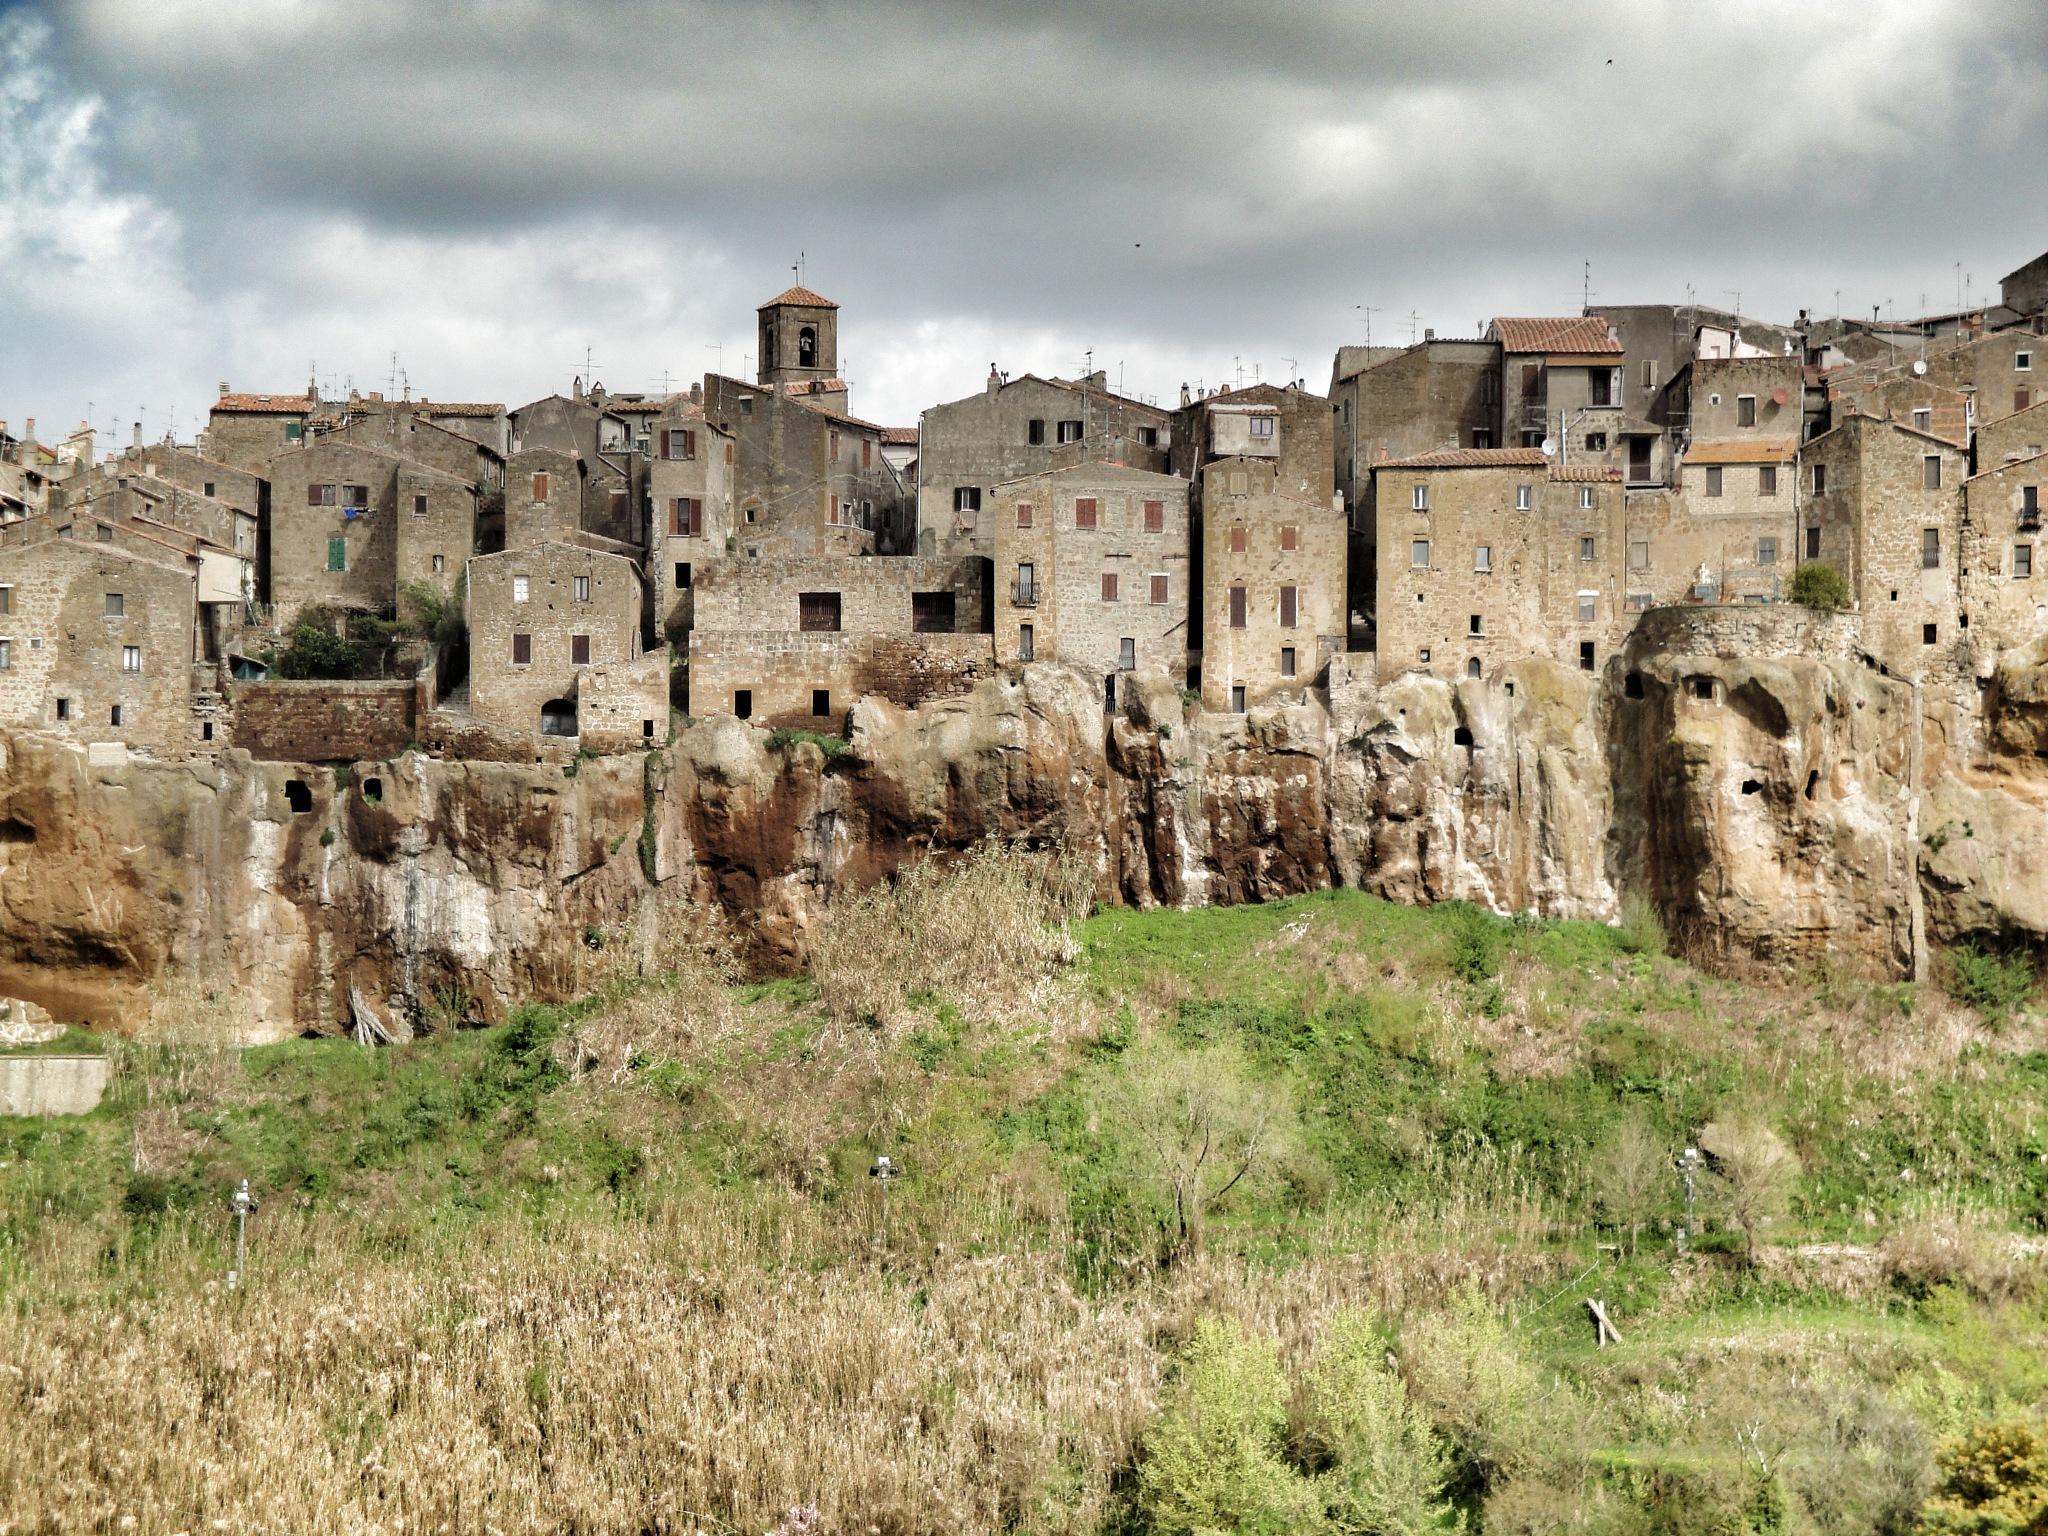 Pitigliano, Grosseto by noerpel